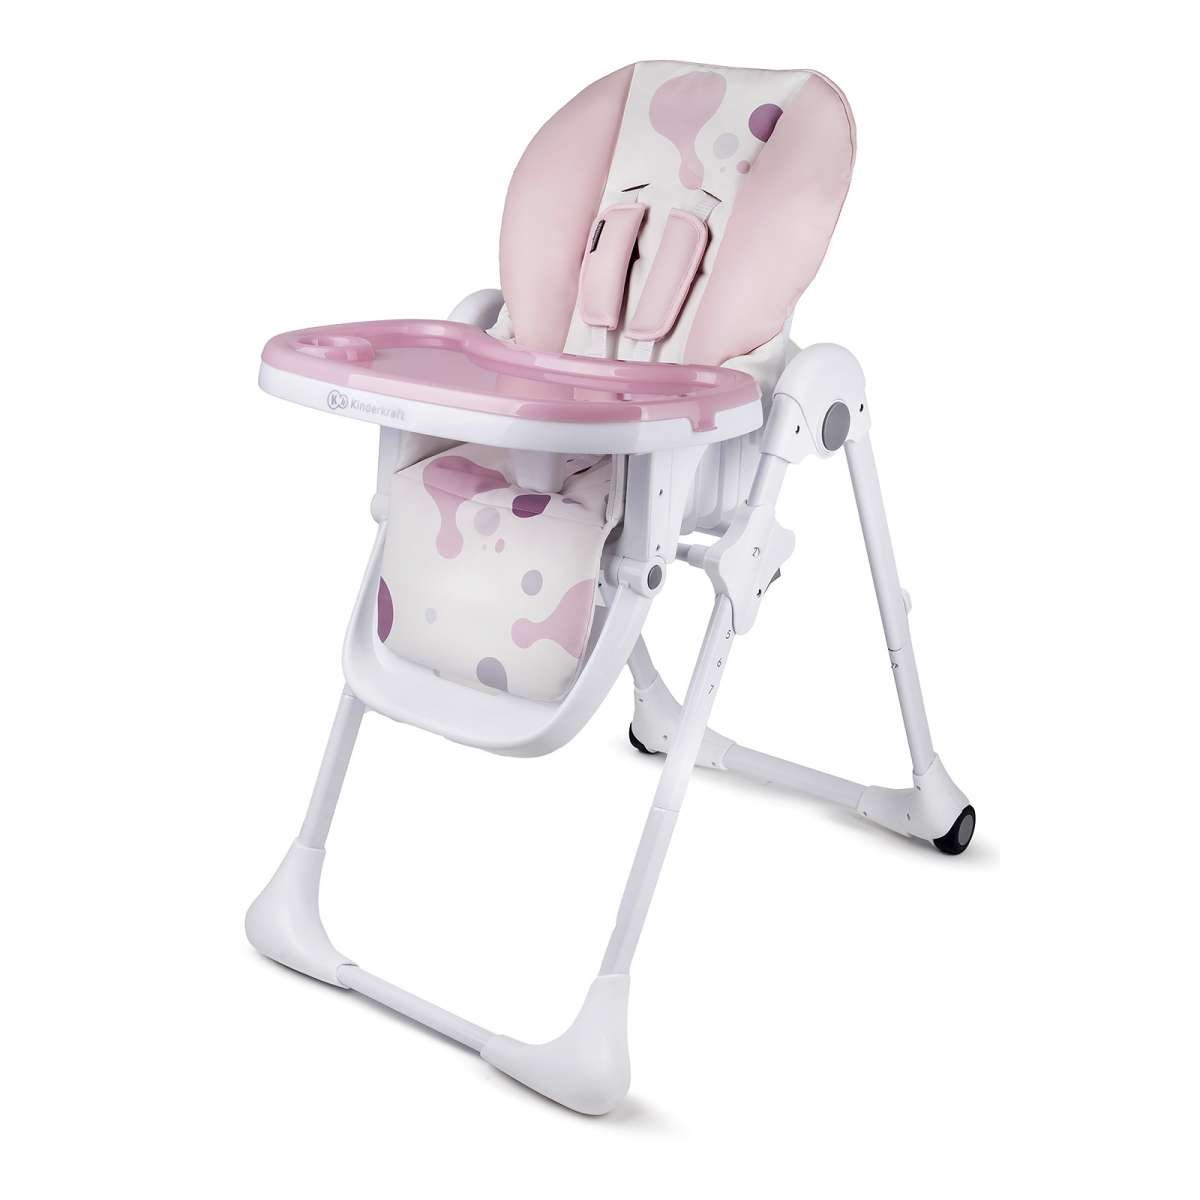 KinderKraft Yummy Pink Barošanas krēsls